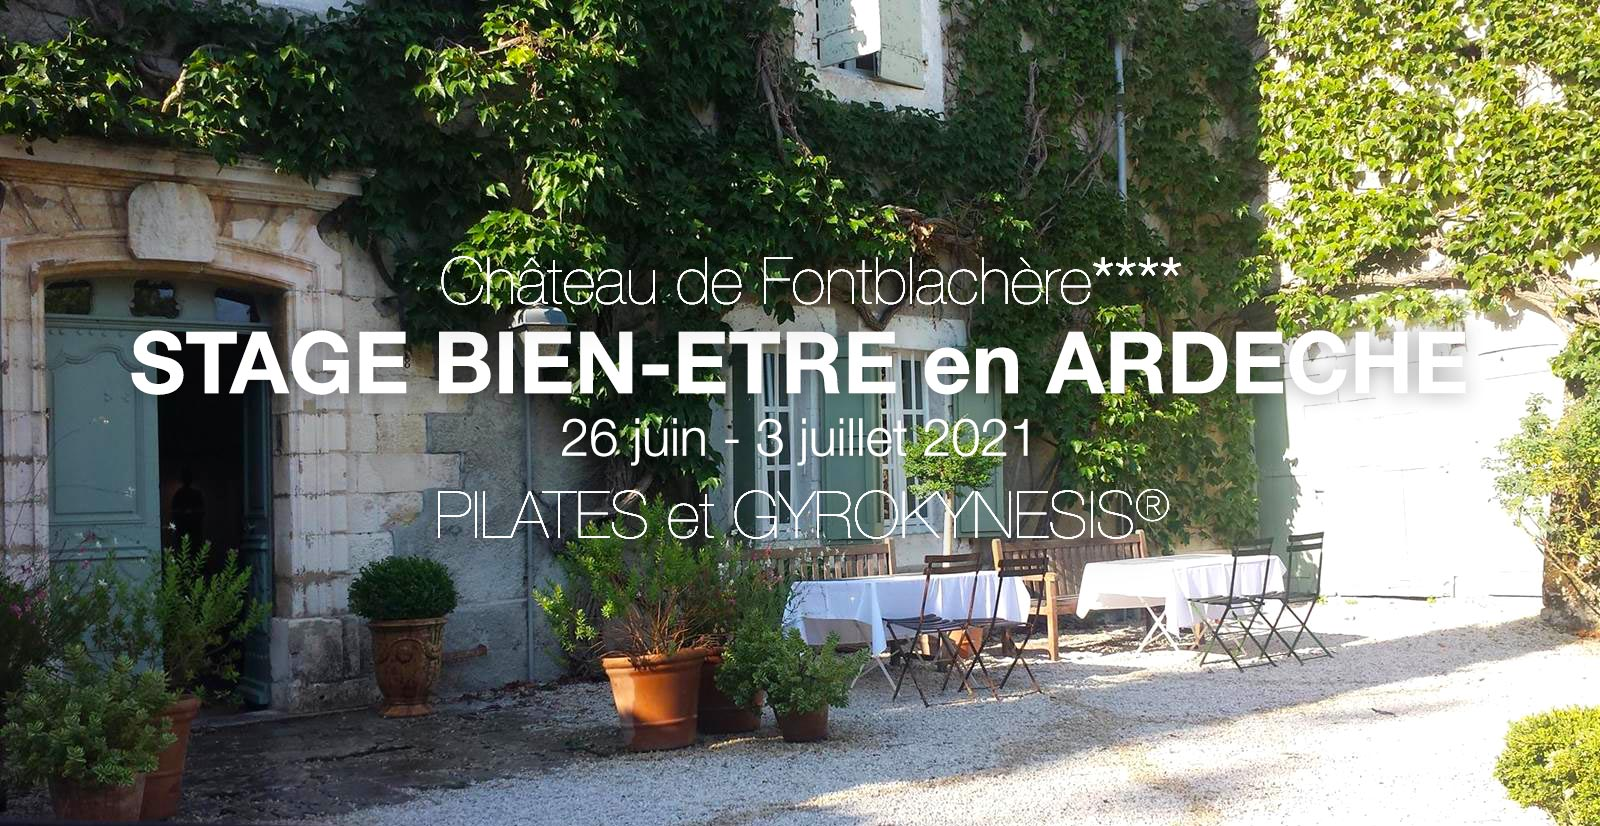 Karine Leurquin - PILATES - GYROKINESIS® - STAGE BIEN-ETRE 26 Juin-3 Juillet 2021 au Château de Fontblachère